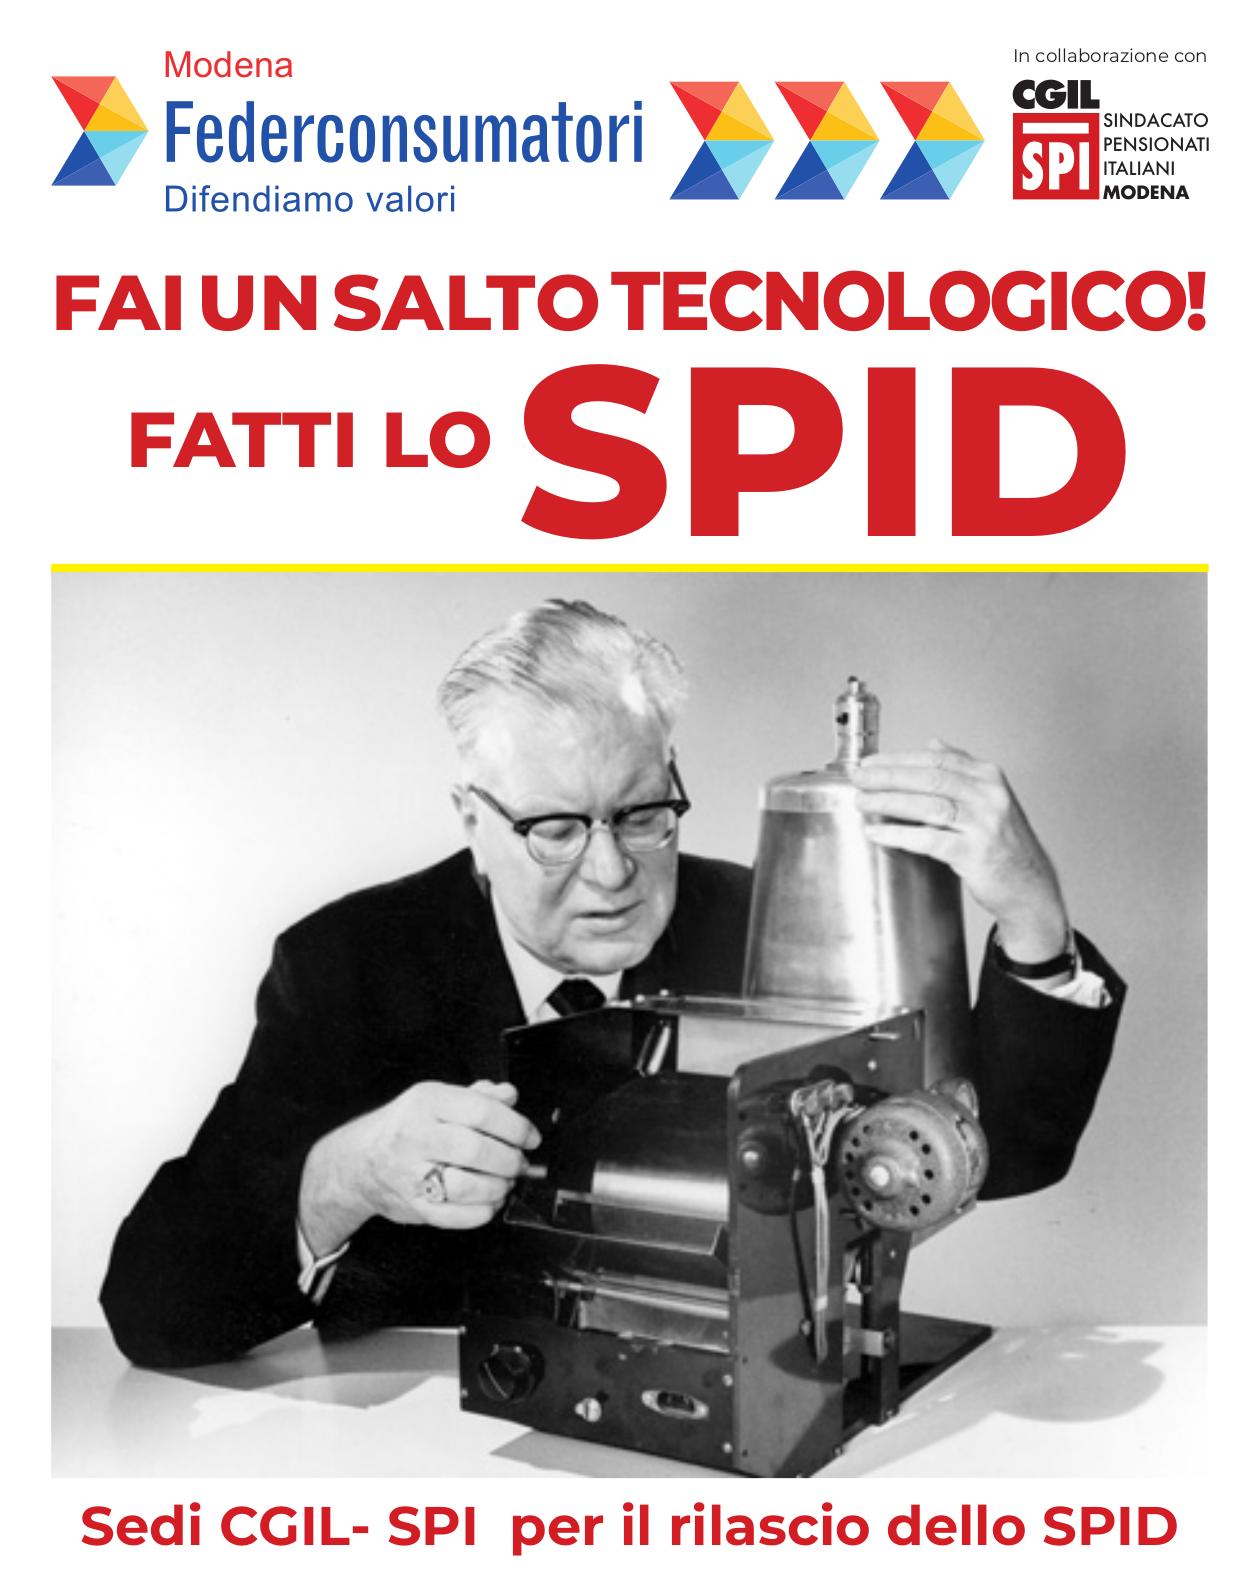 """Campagna """"Ti facciamo lo SPID"""" di Federconsumatori e Spi Cgil Modena"""